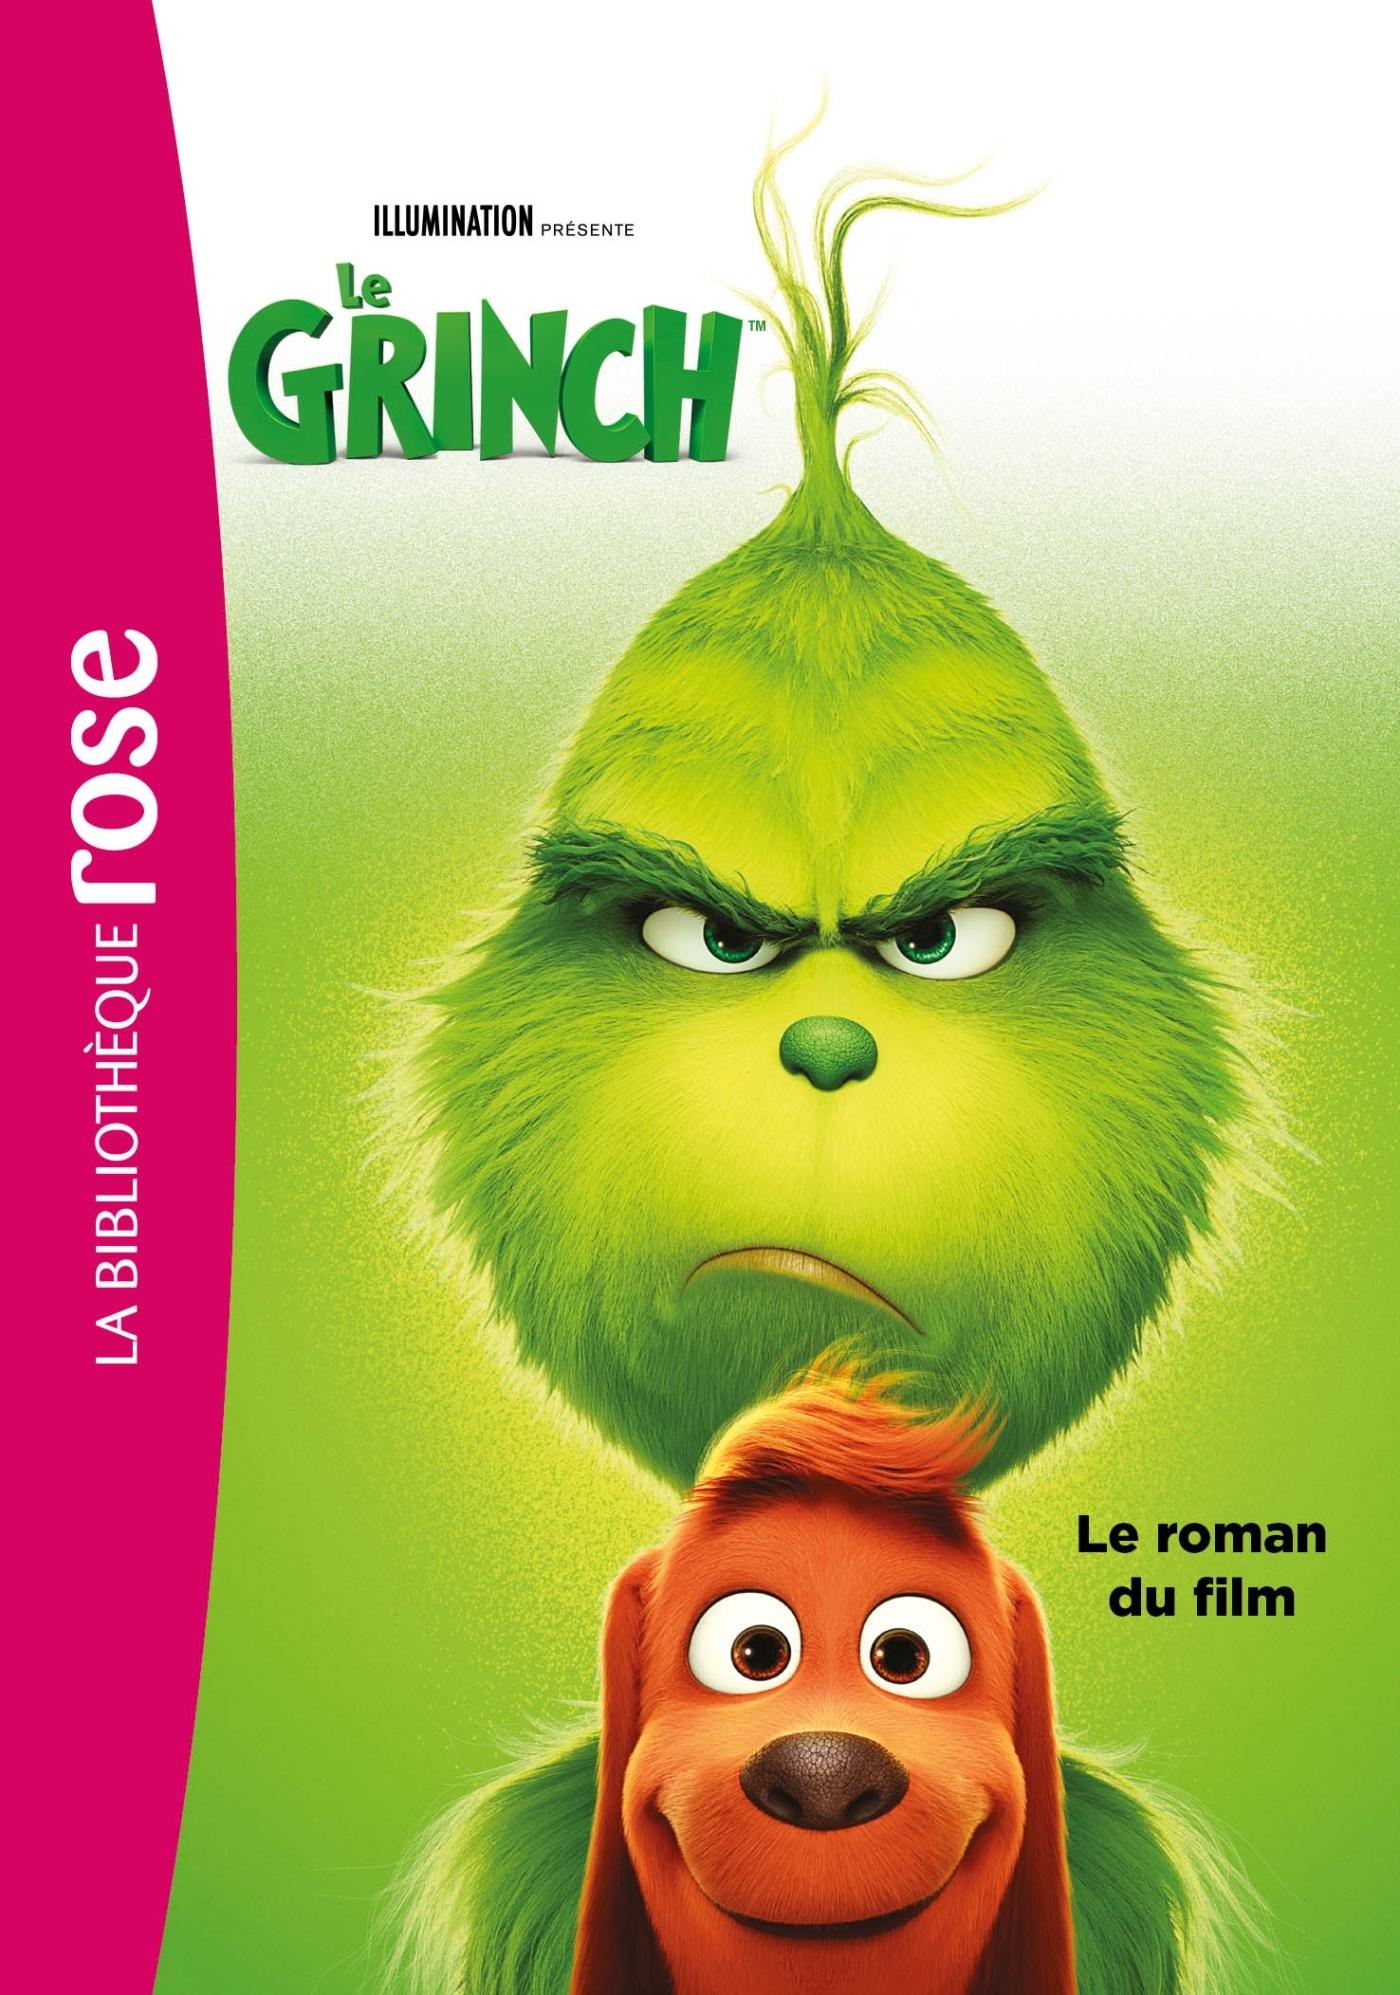 THE GRINCH - LE ROMAN DU FILM - FILMS BB ROSE 8-10 - T0